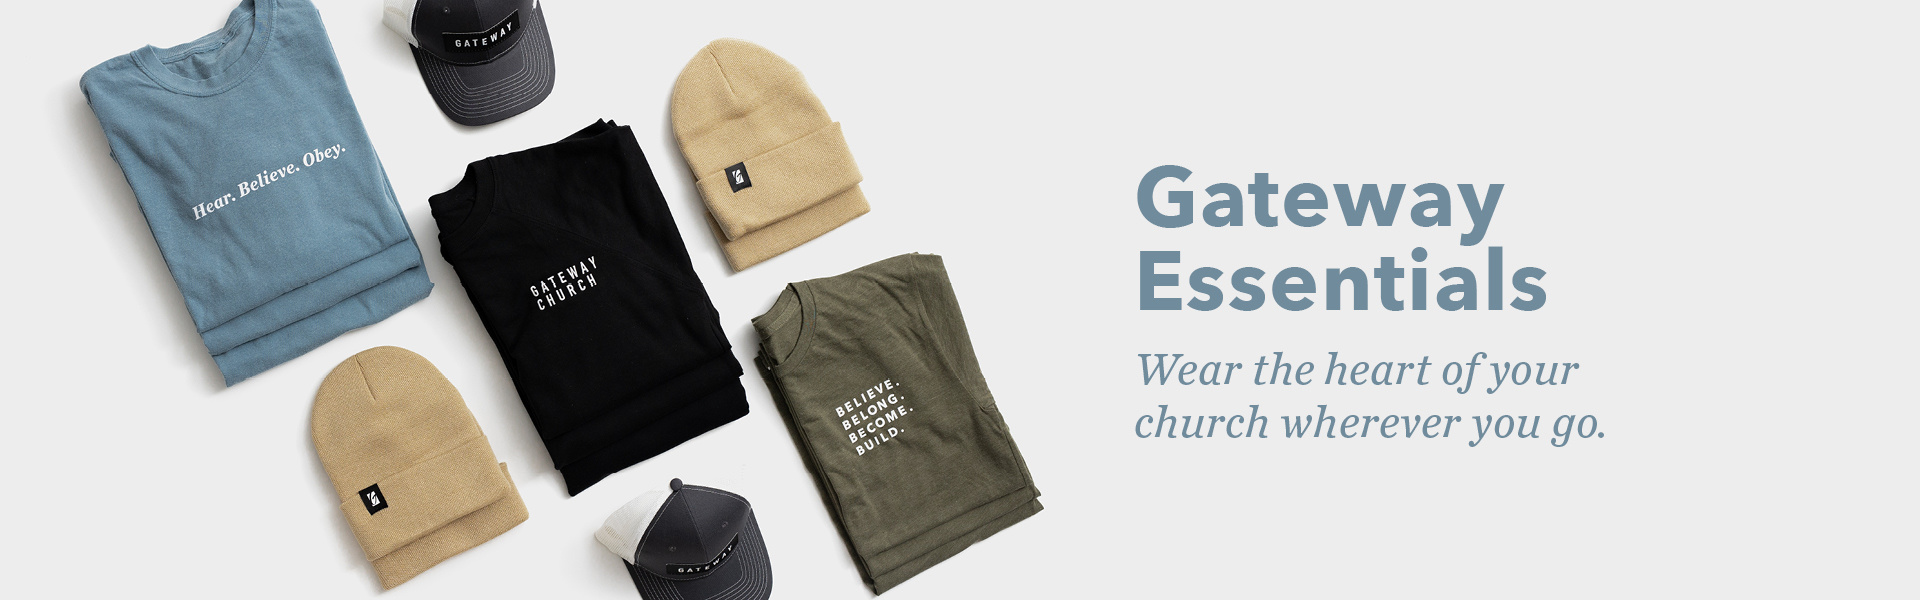 Gateway Essentials